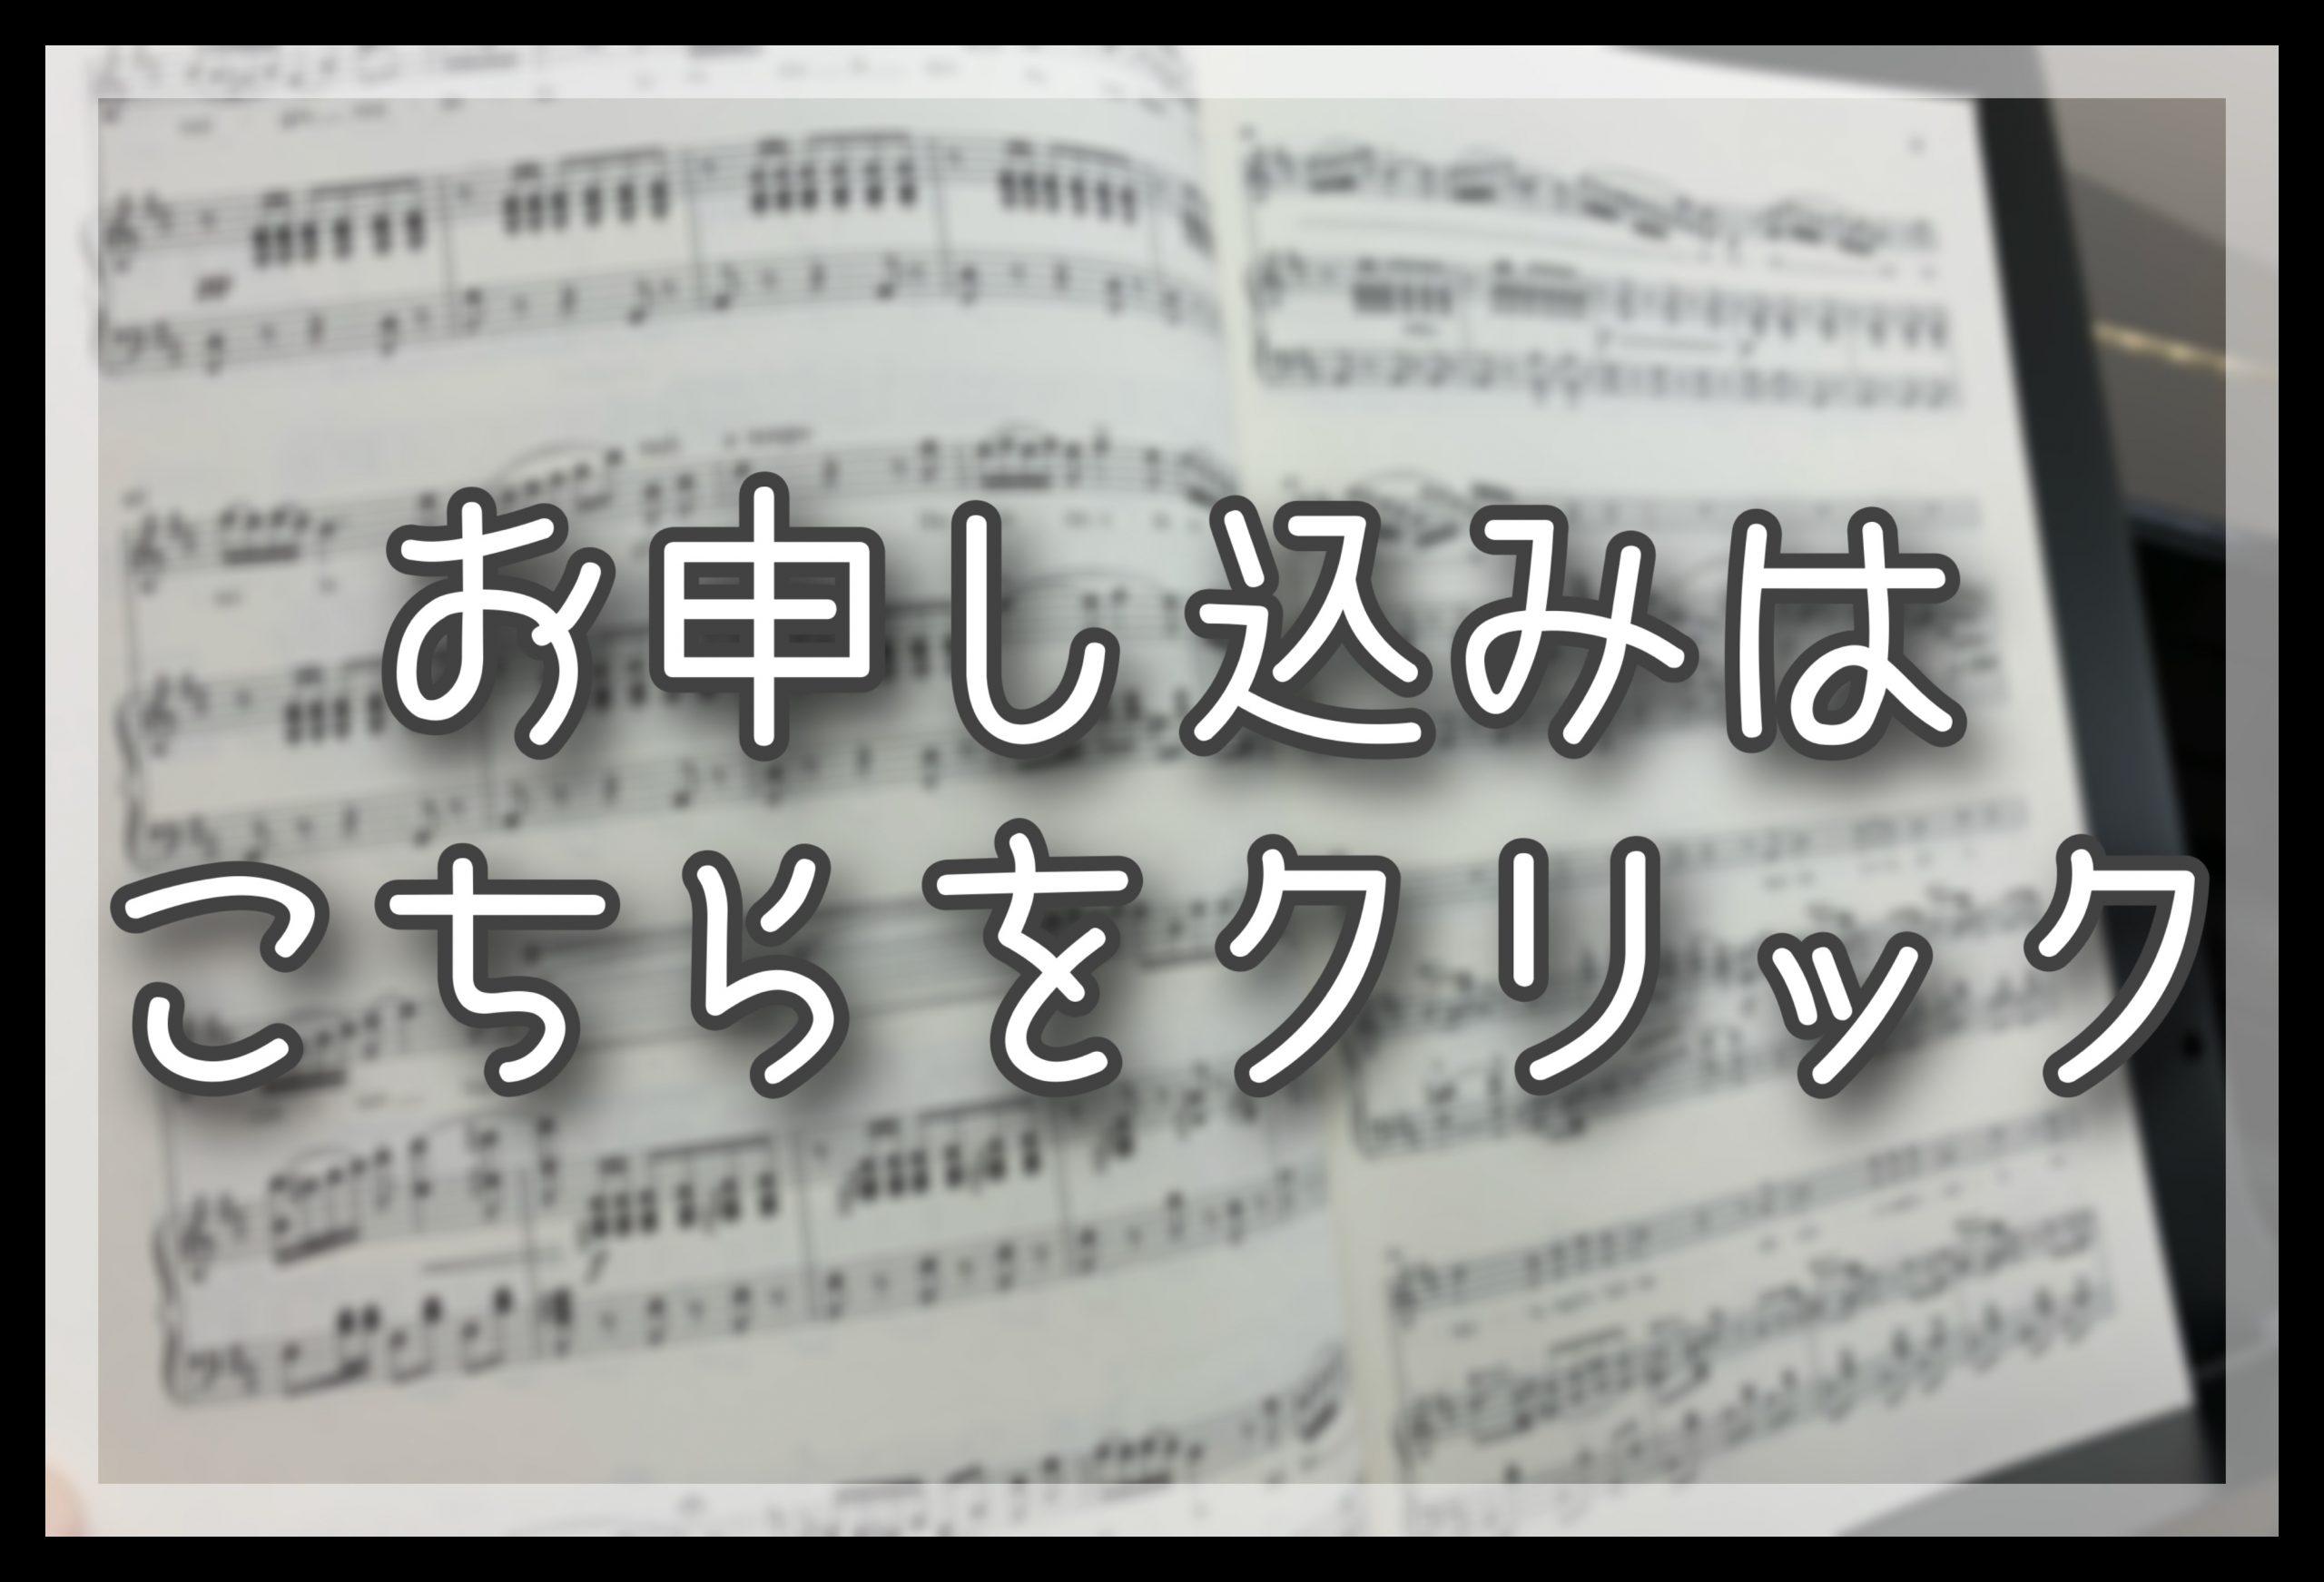 声楽 教室 春日部